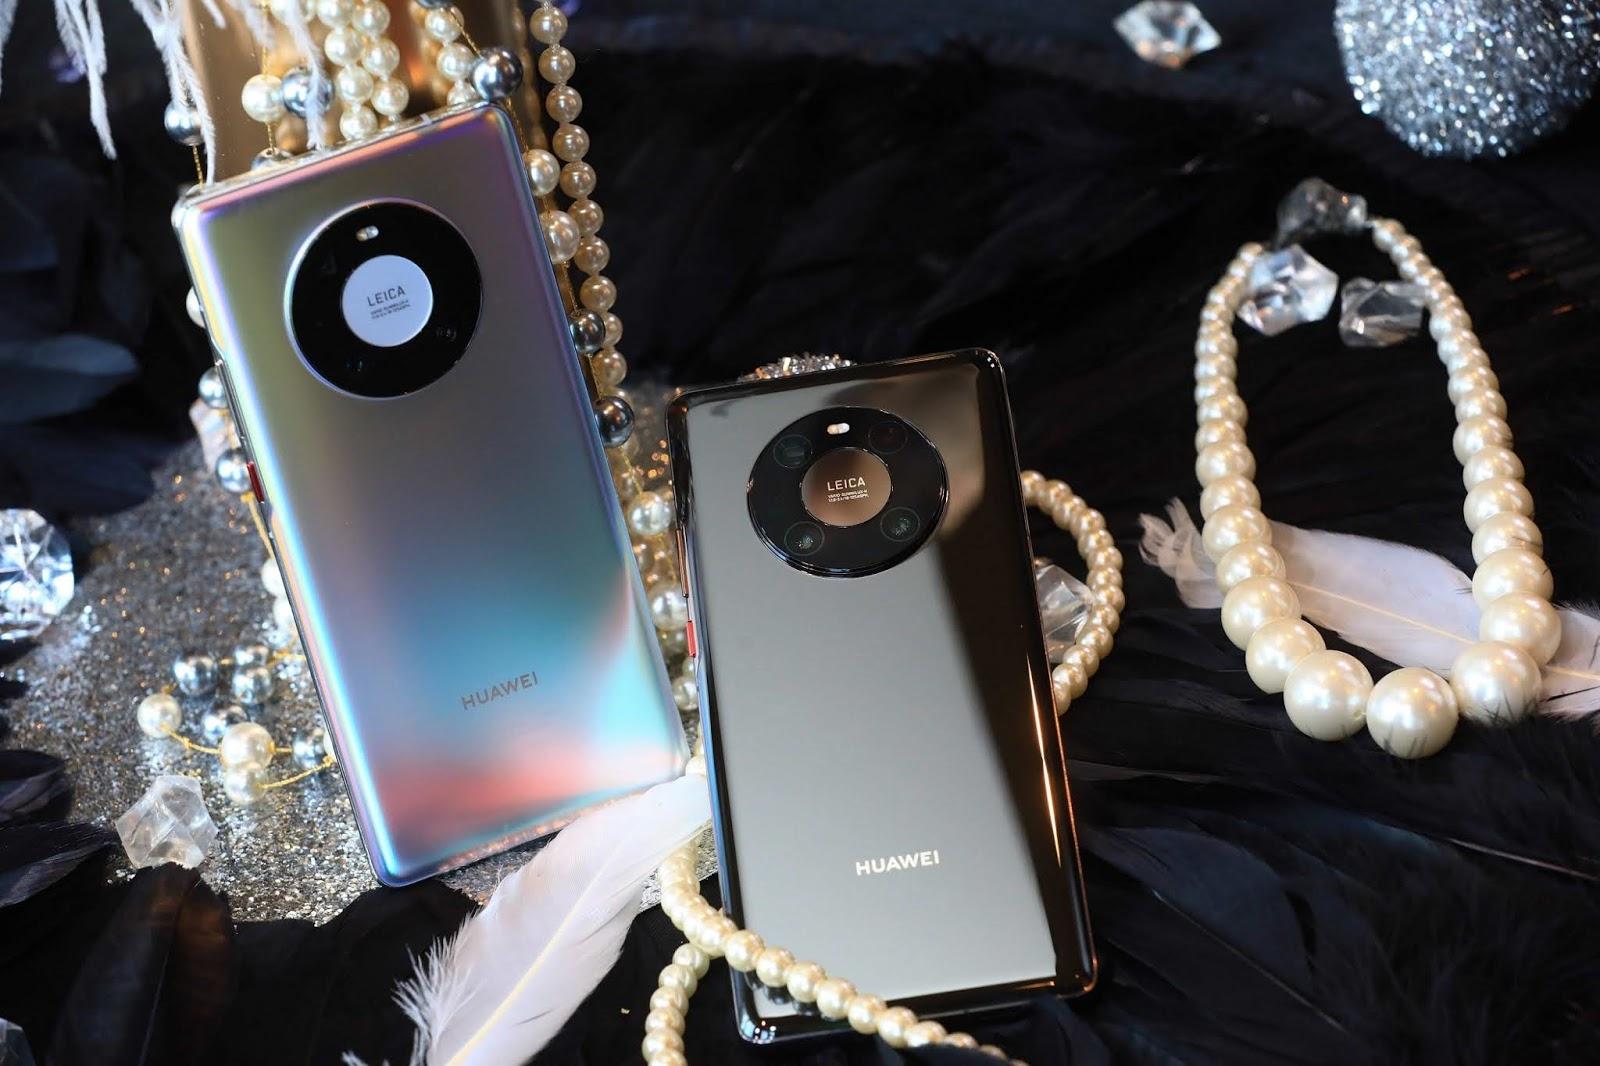 ซื้อสมาร์ทโฟนส่งท้ายปีรุ่นไหนให้ปัง ทั้งราคาและฟังก์ชั่น Huawei แนะนำสมาร์ทโฟนทุกระดับที่เหมาะเป็นของขวัญอันแสนคุ้มค่าซื้อให้ตัวเองก็หายเหนื่อย ซื้อให้คนที่เรารัก เขาก็หายเหนื่อย